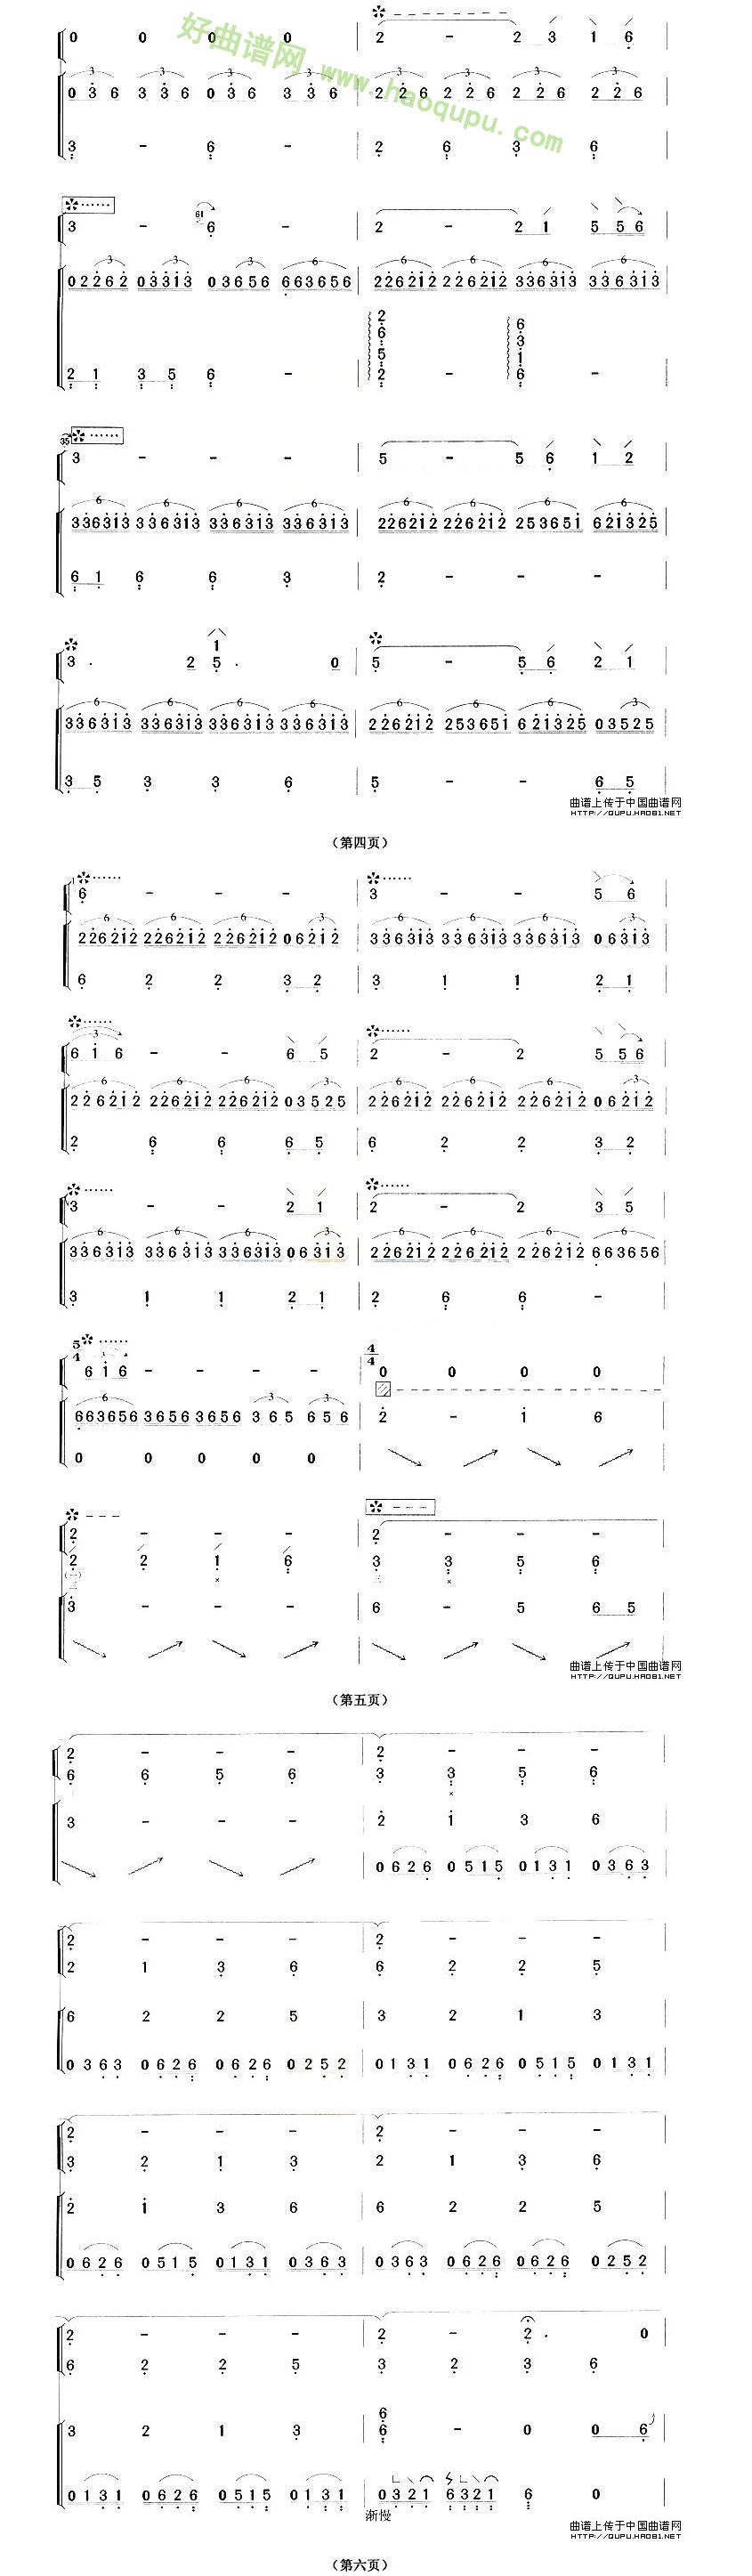 《建昌月》(琵琶+古筝)琵琶曲谱第2张